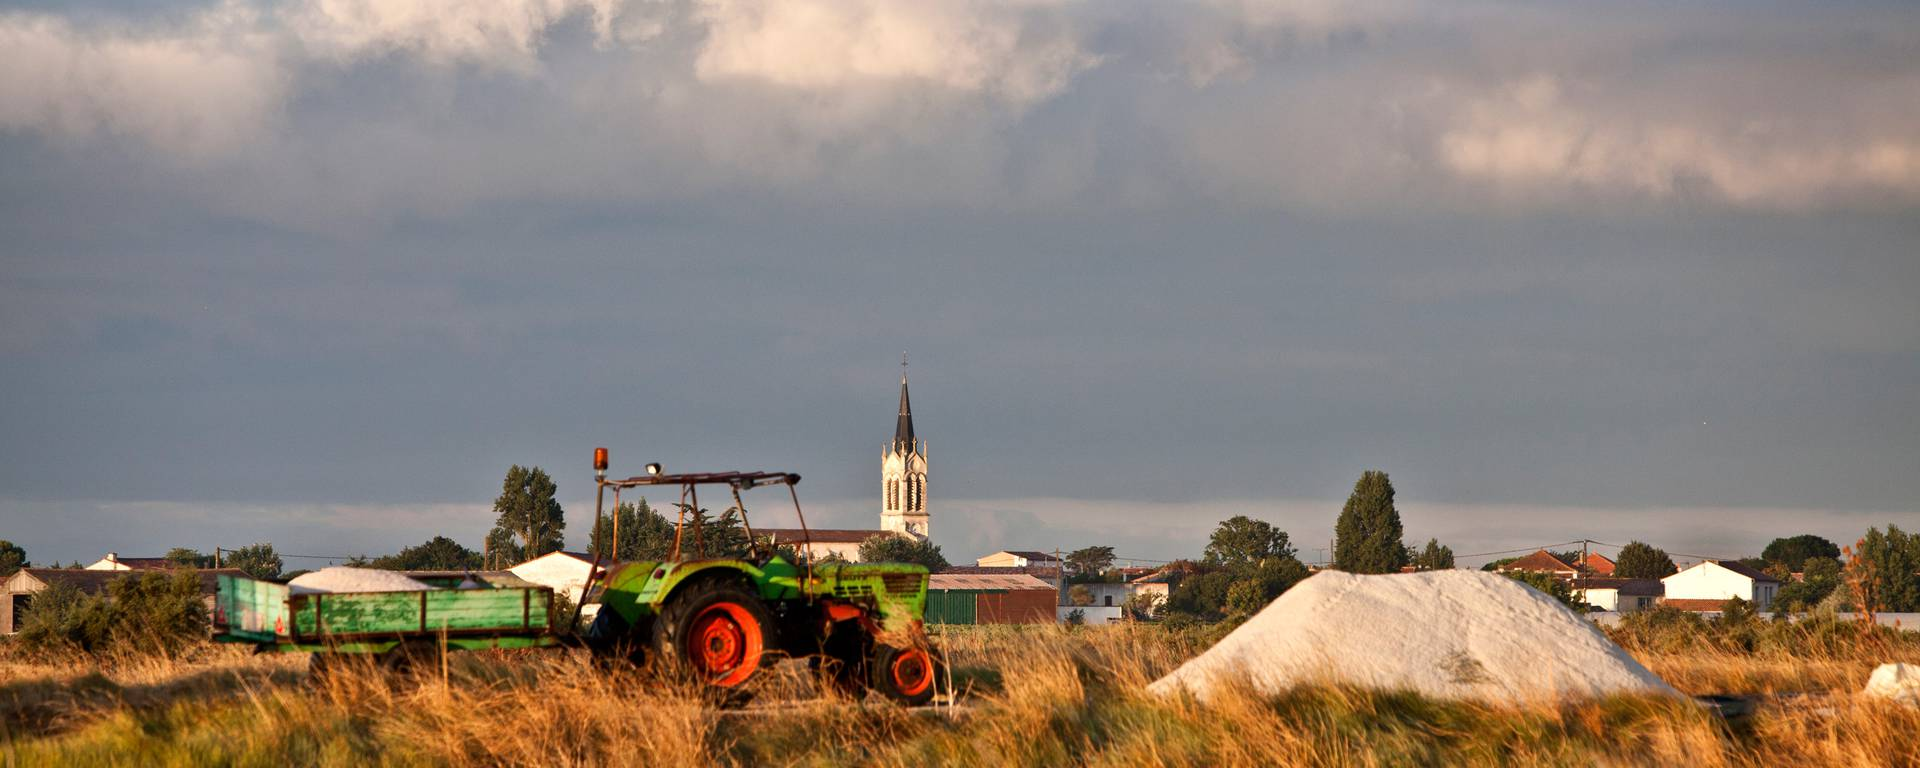 Trateur pour la récolte de sel ©François Blanchard